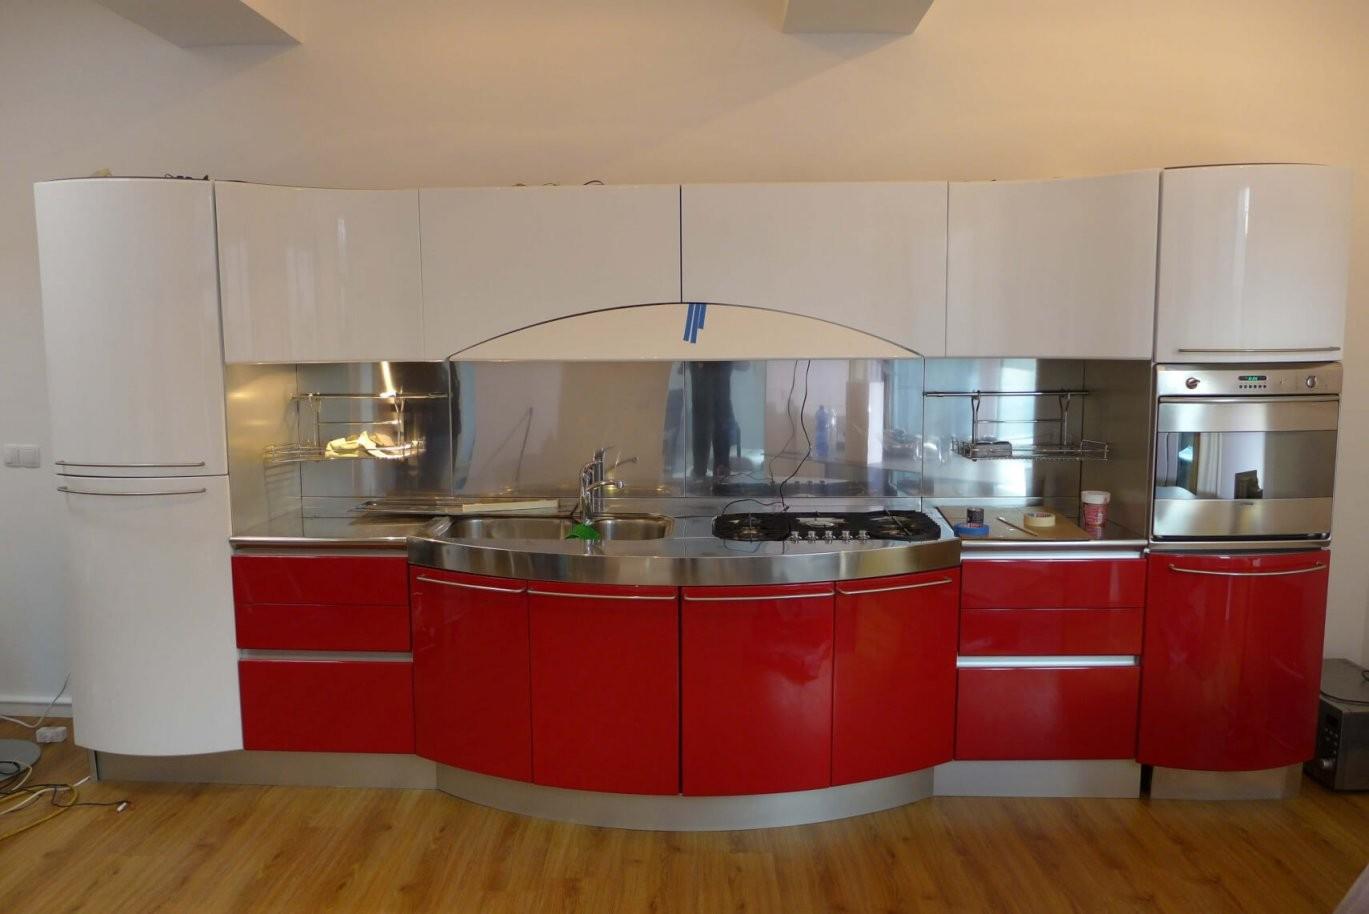 Küche Folieren  Rot Zu Weiß  Küche In Hochglanz  Resimdo von Küche Folieren Lassen Kosten Photo